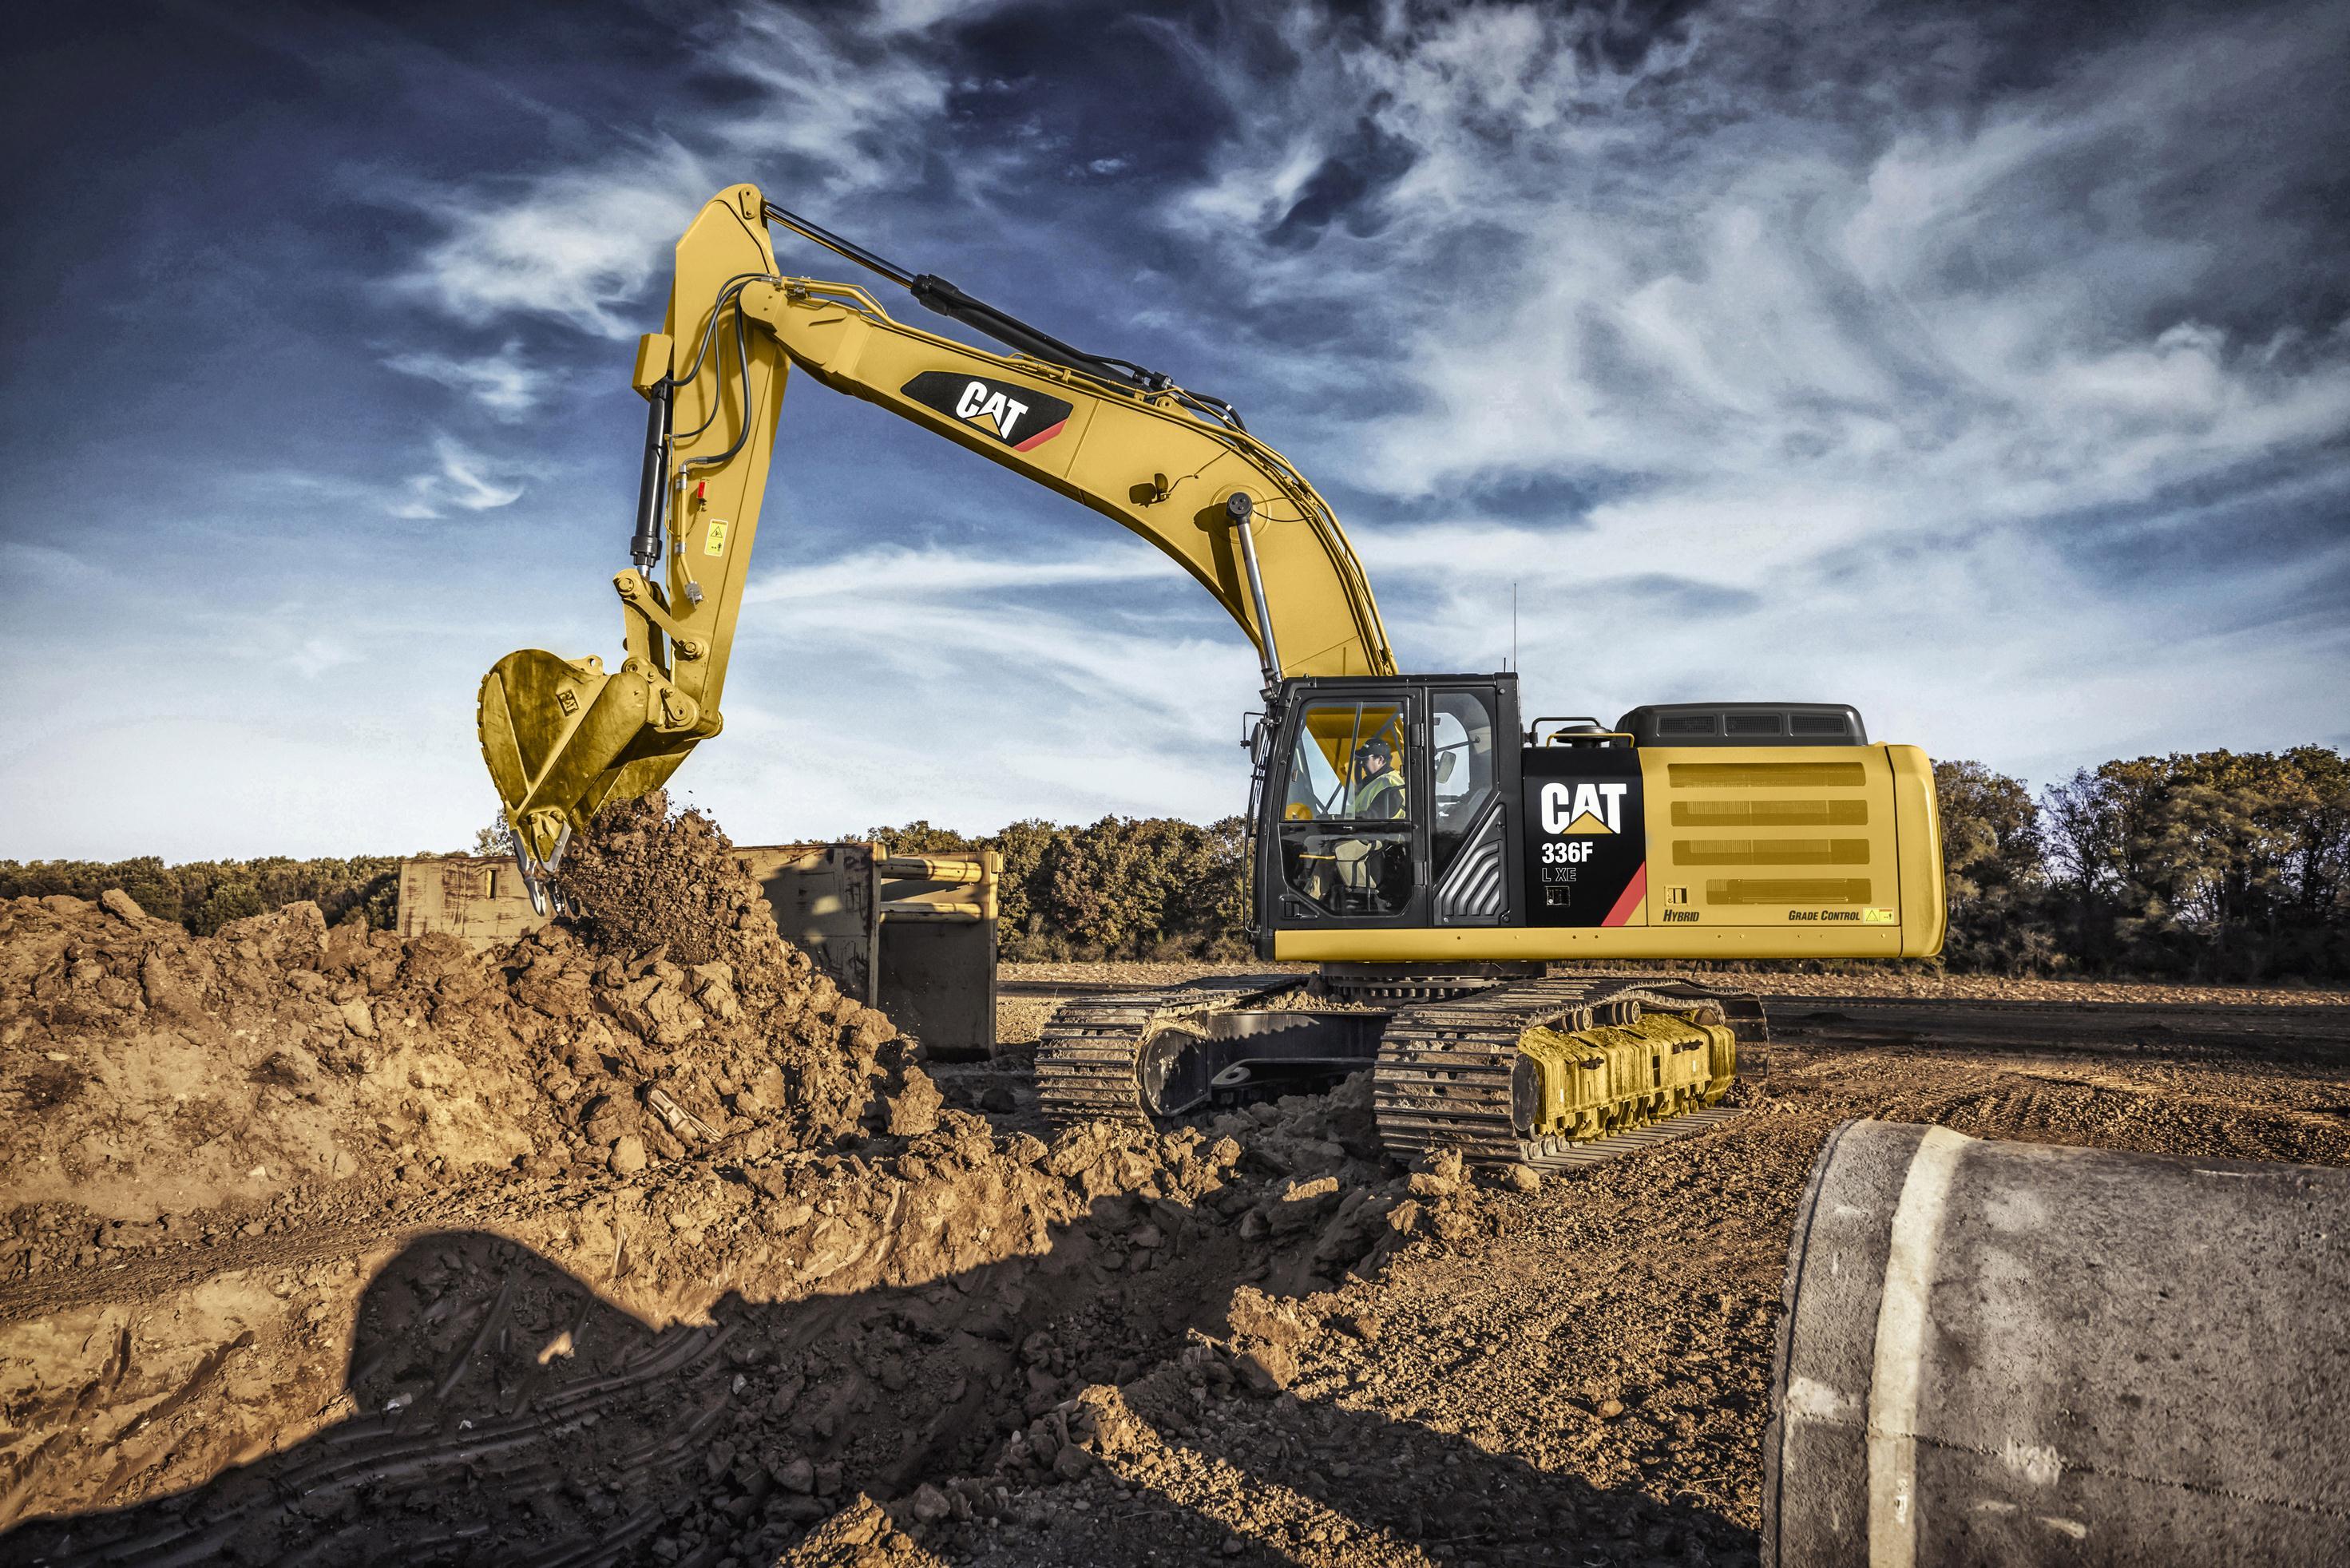 Western state cat excavator rentals for Builder contractors